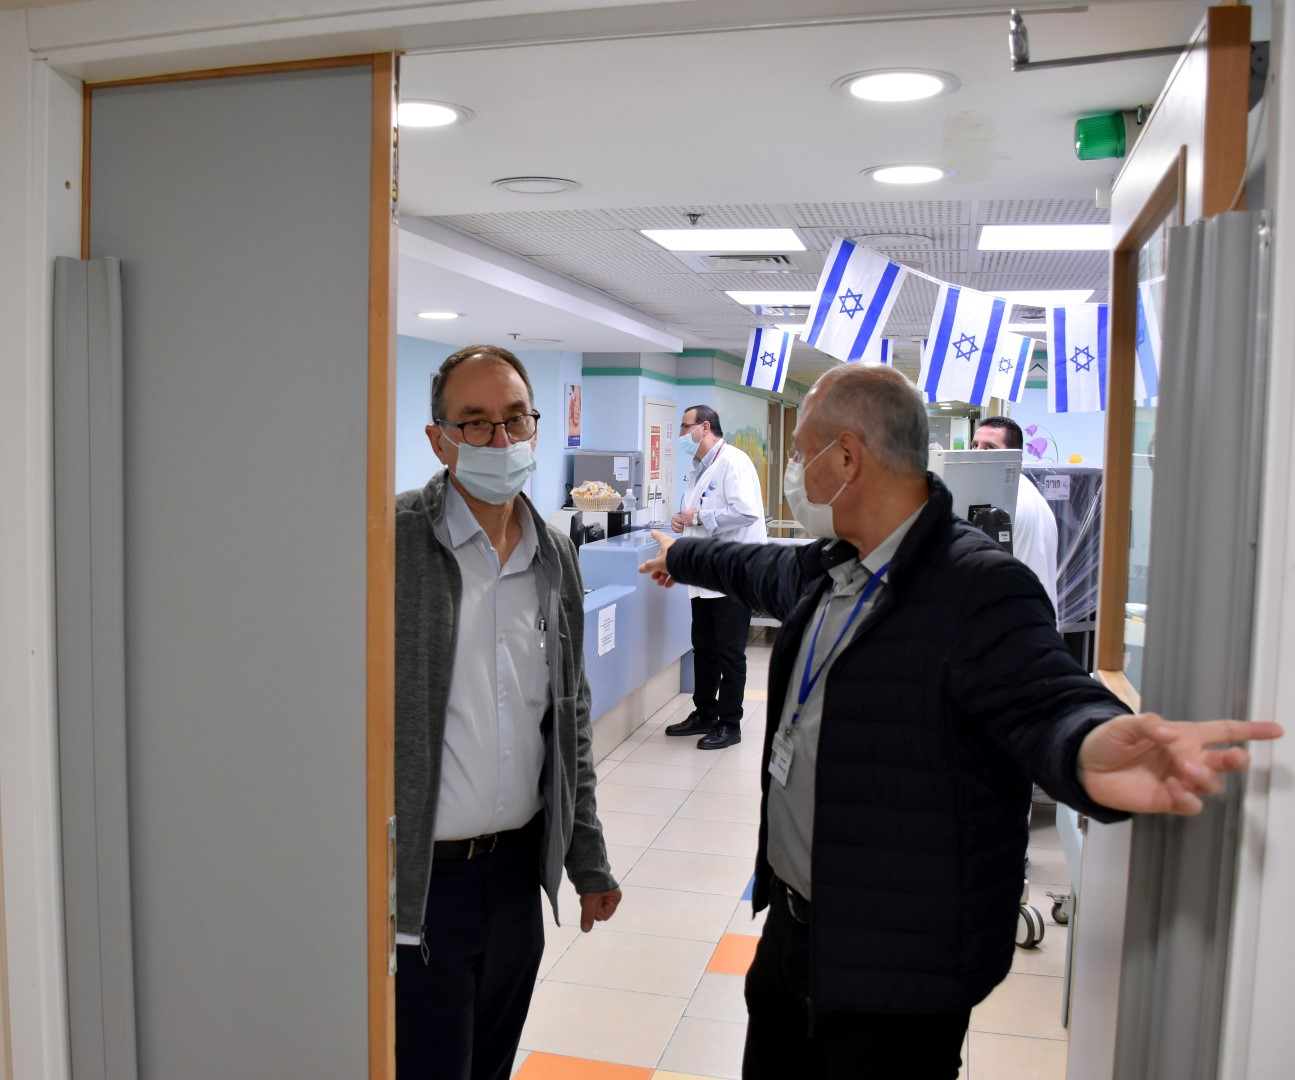 בשל העלייה המשמעותית במספר החולים, נפתחה במרכז הרפואי פדה-פוריה מחלקה שלישית לטיפול בחולי קורונה.